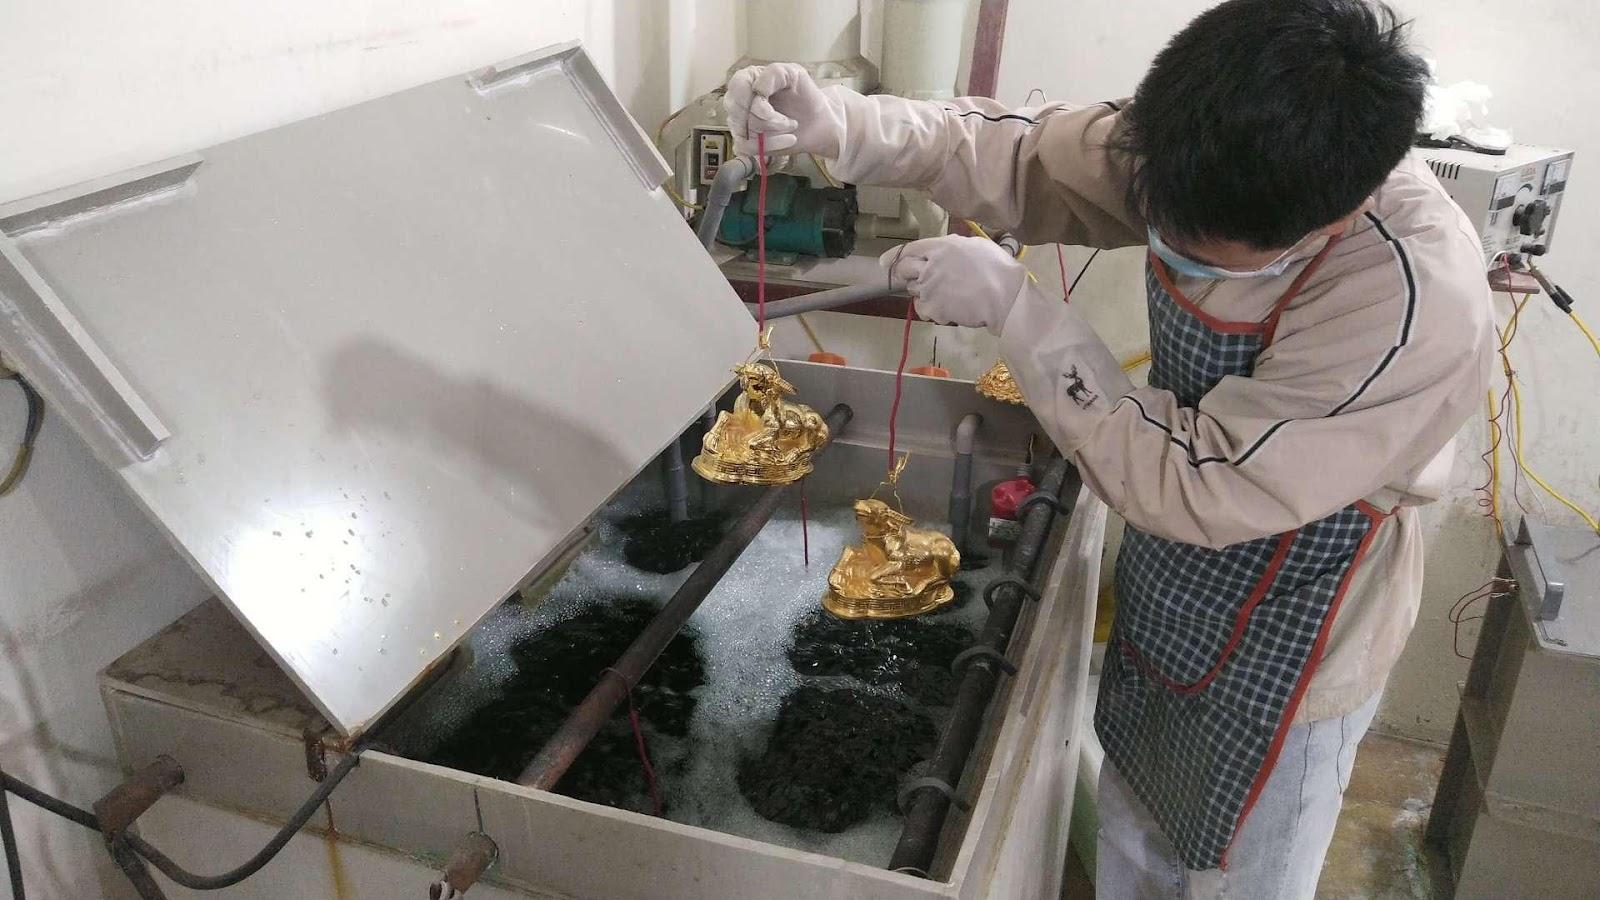 Thị trường quà Tết 2021: Giỏ quà chiếm ưu thế, độc lạ mẫu trâu vàng - Ảnh 5